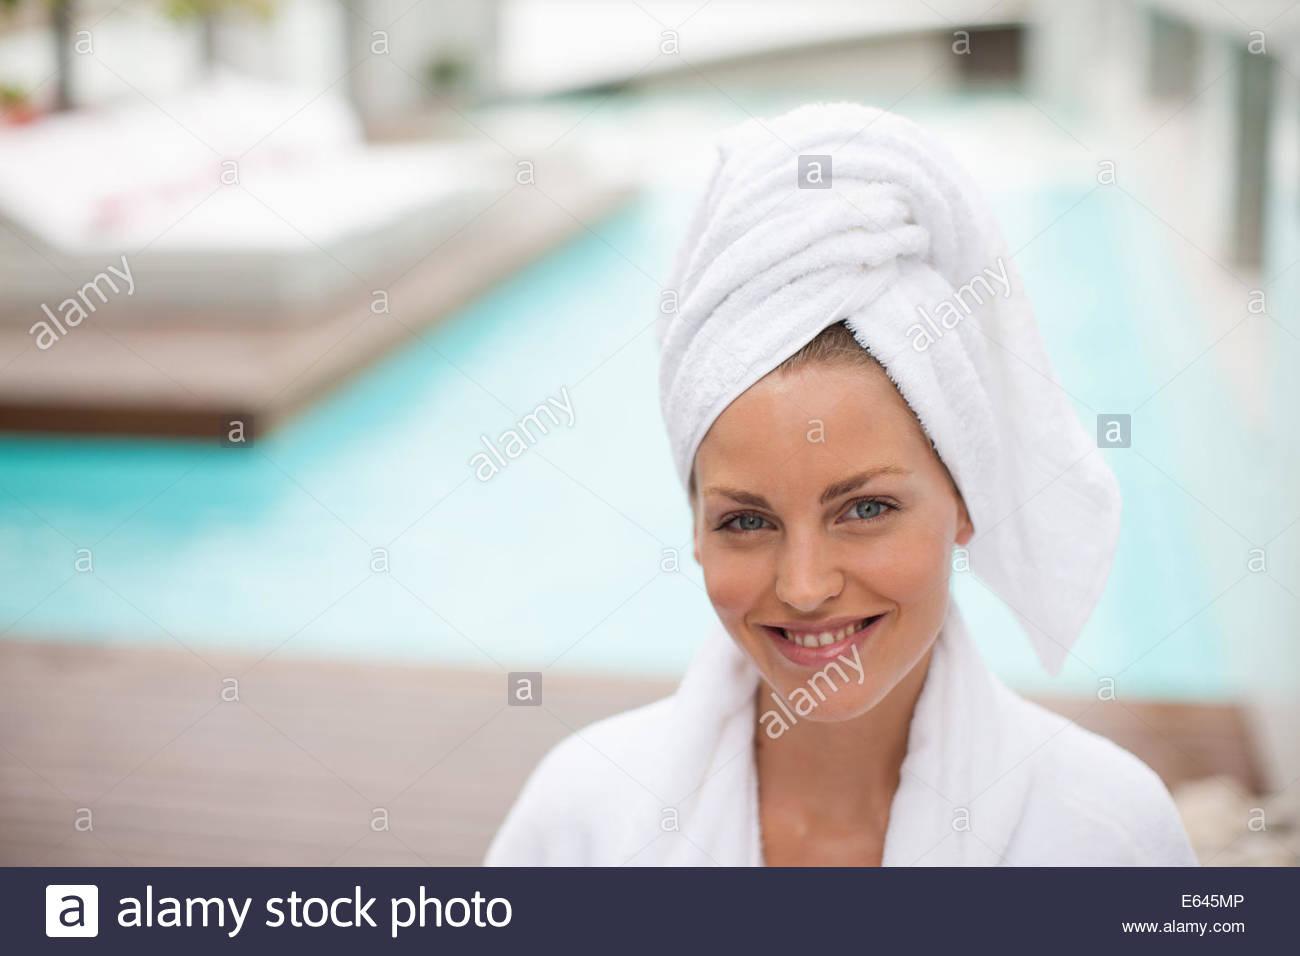 Femme avec cheveux enveloppés dans une serviette au bord de la piscine Photo Stock